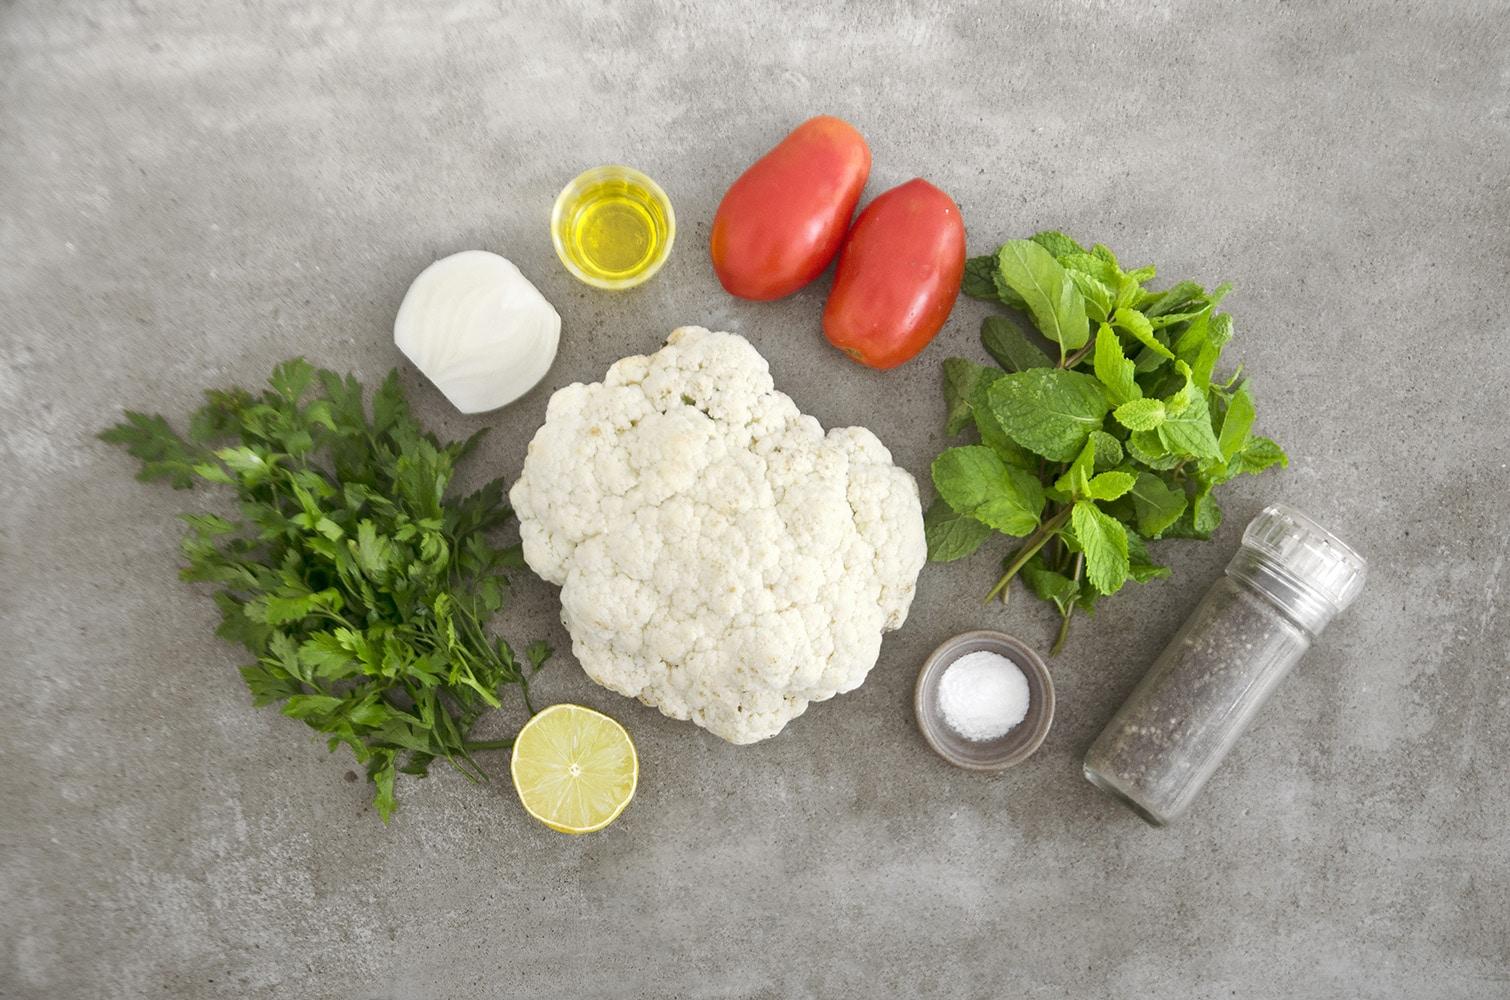 ingredientes para tabule de couve flor